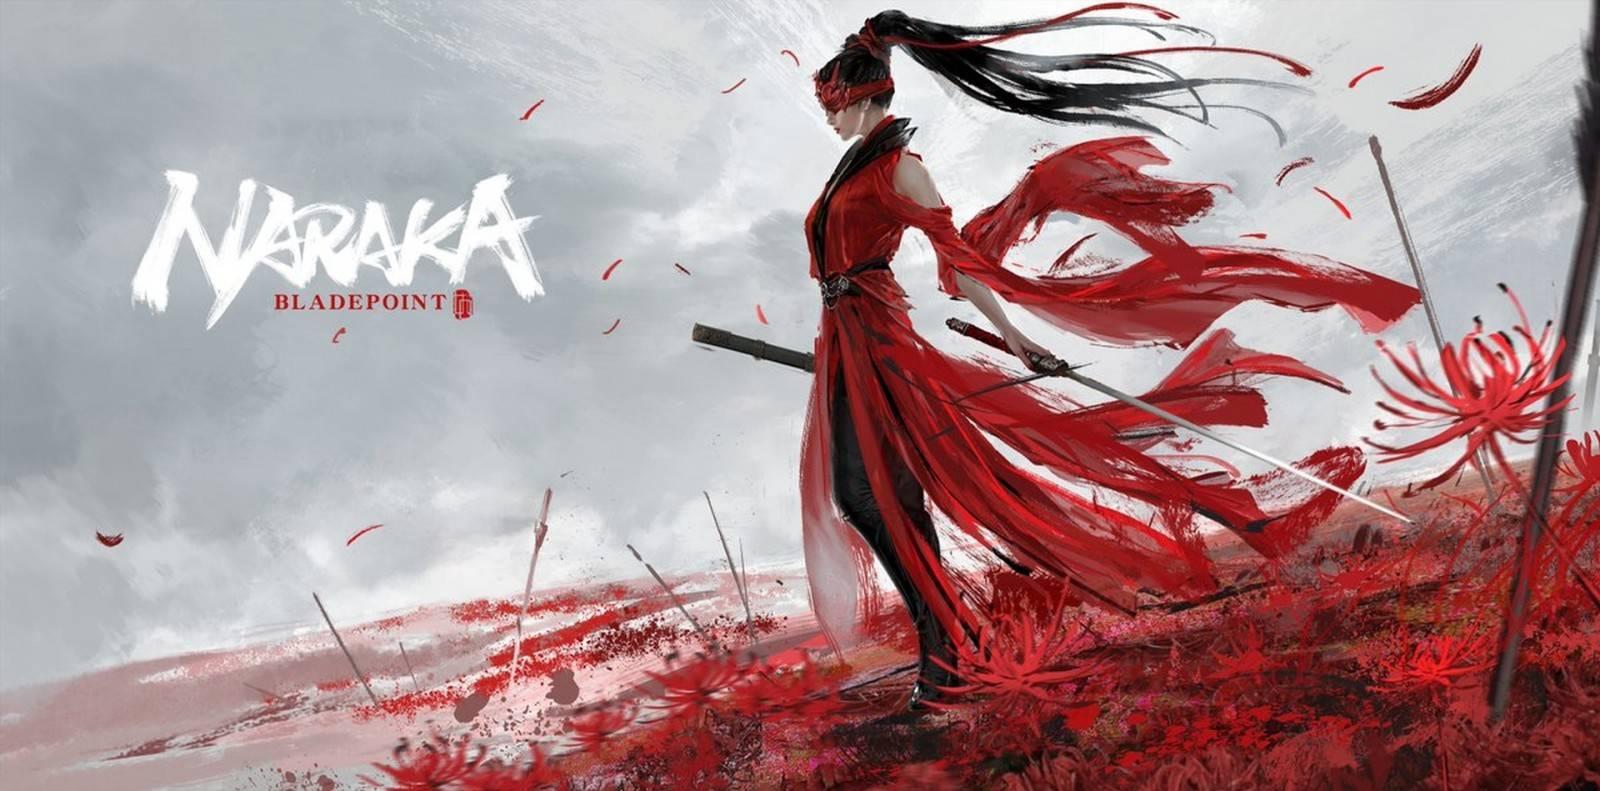 Naraka: Bladepoint estara presente durante el evento de PC Gaming Show en el E3 de este año.